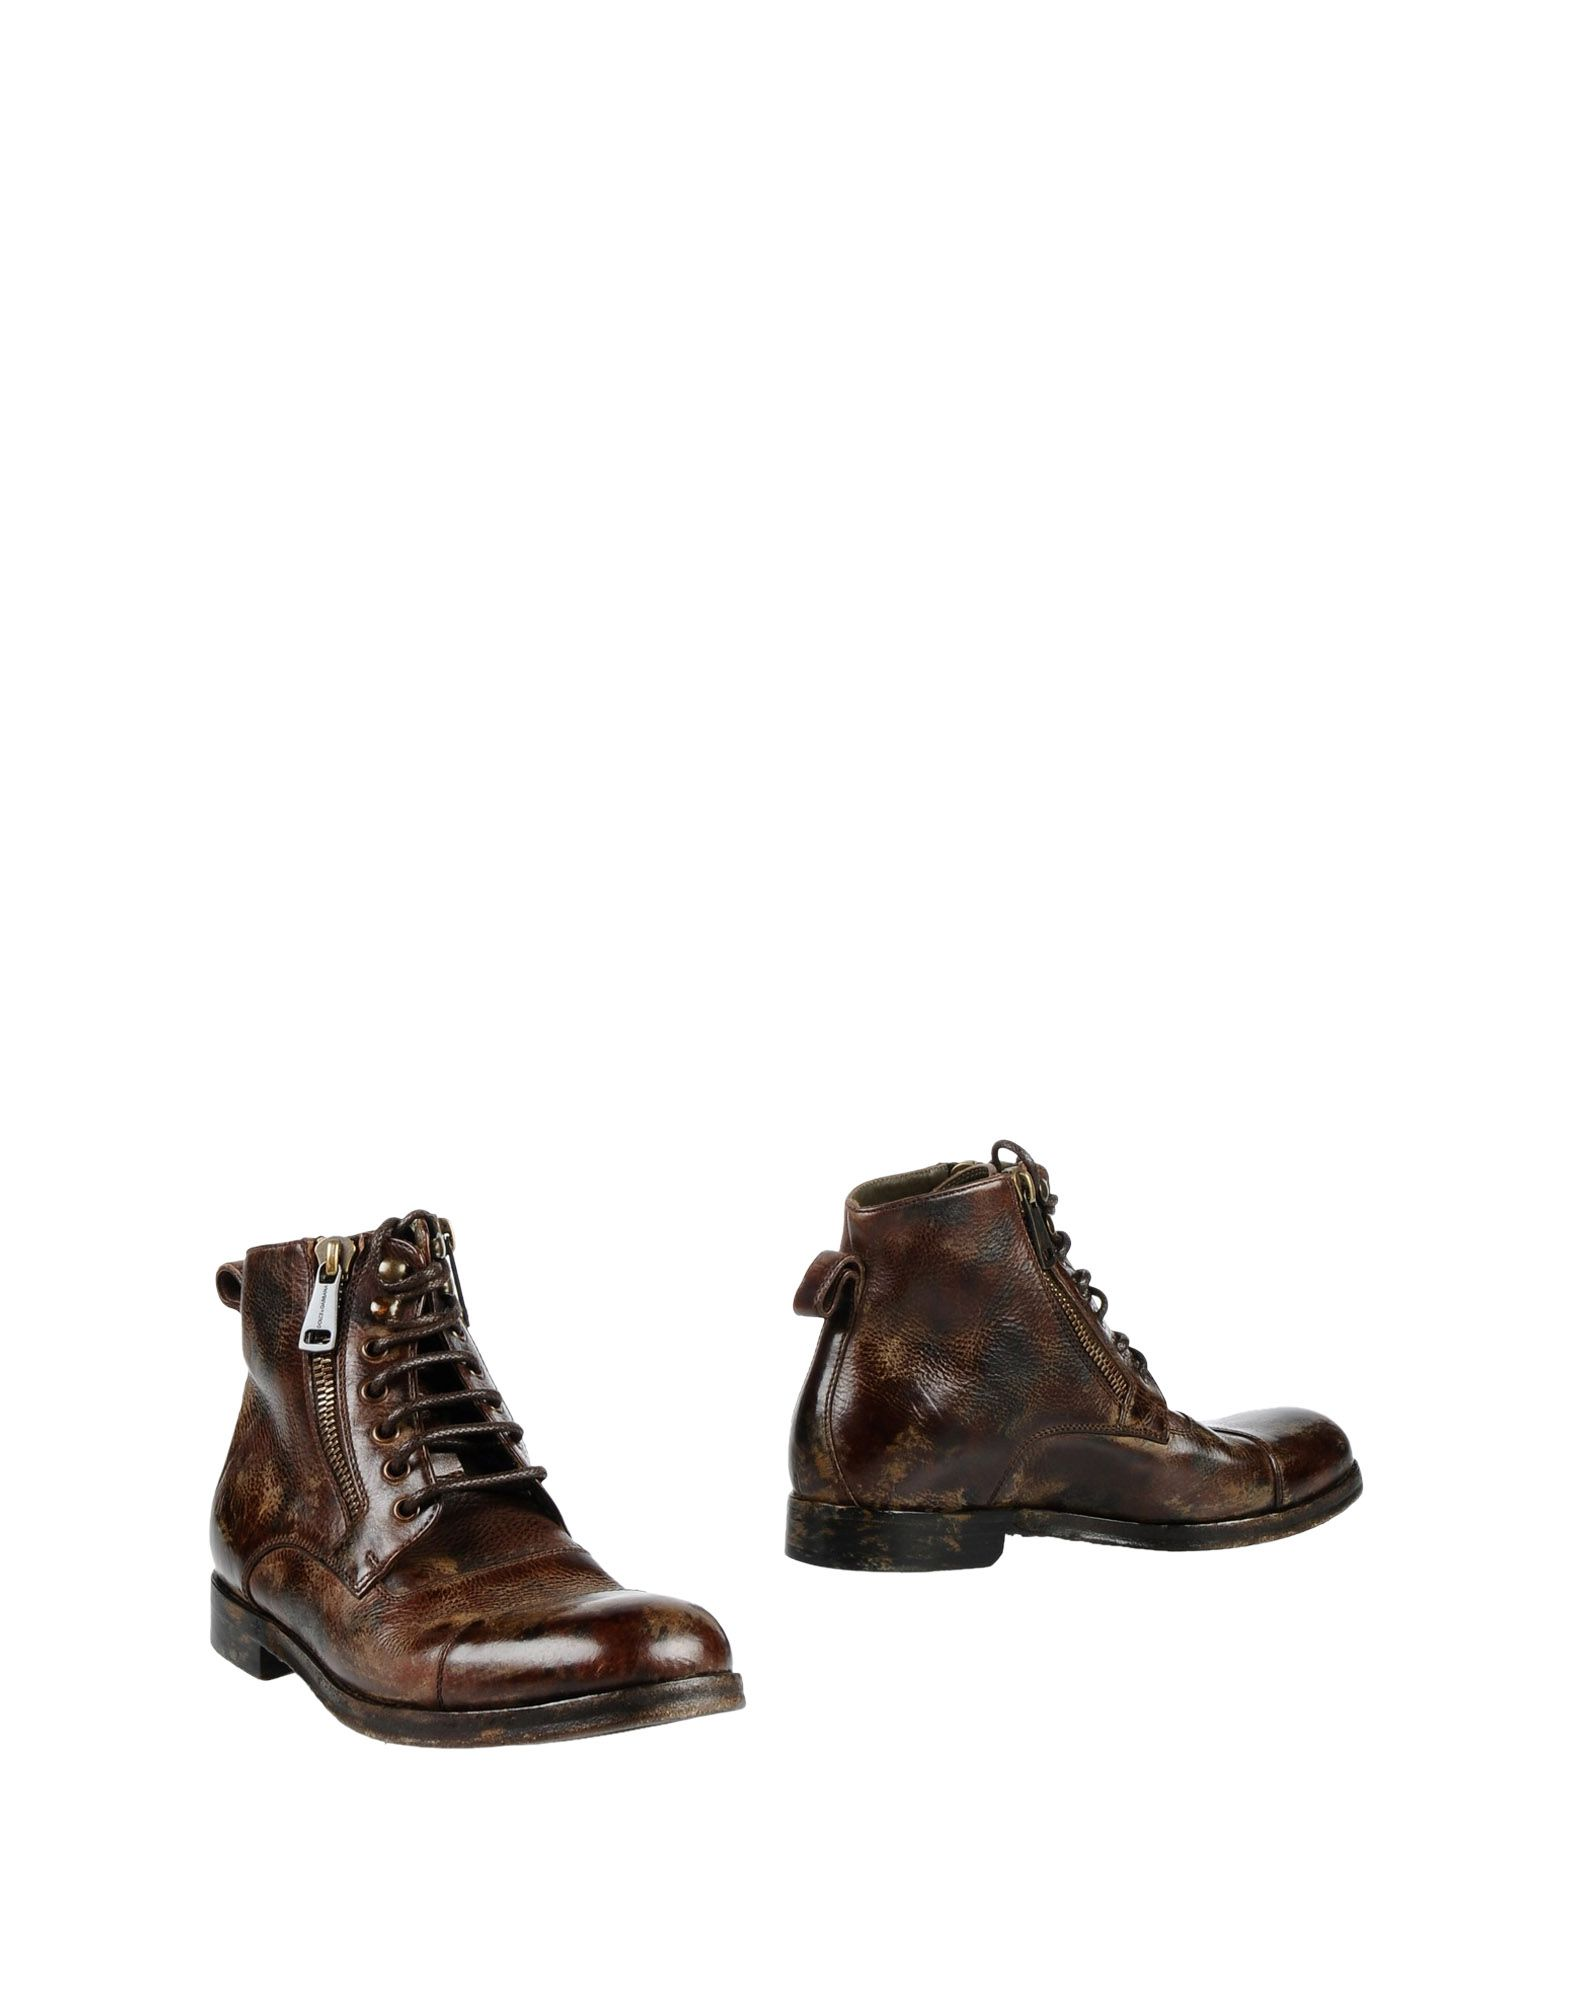 Dolce & Gabbana Stiefelette Herren  11237760BW Neue Schuhe